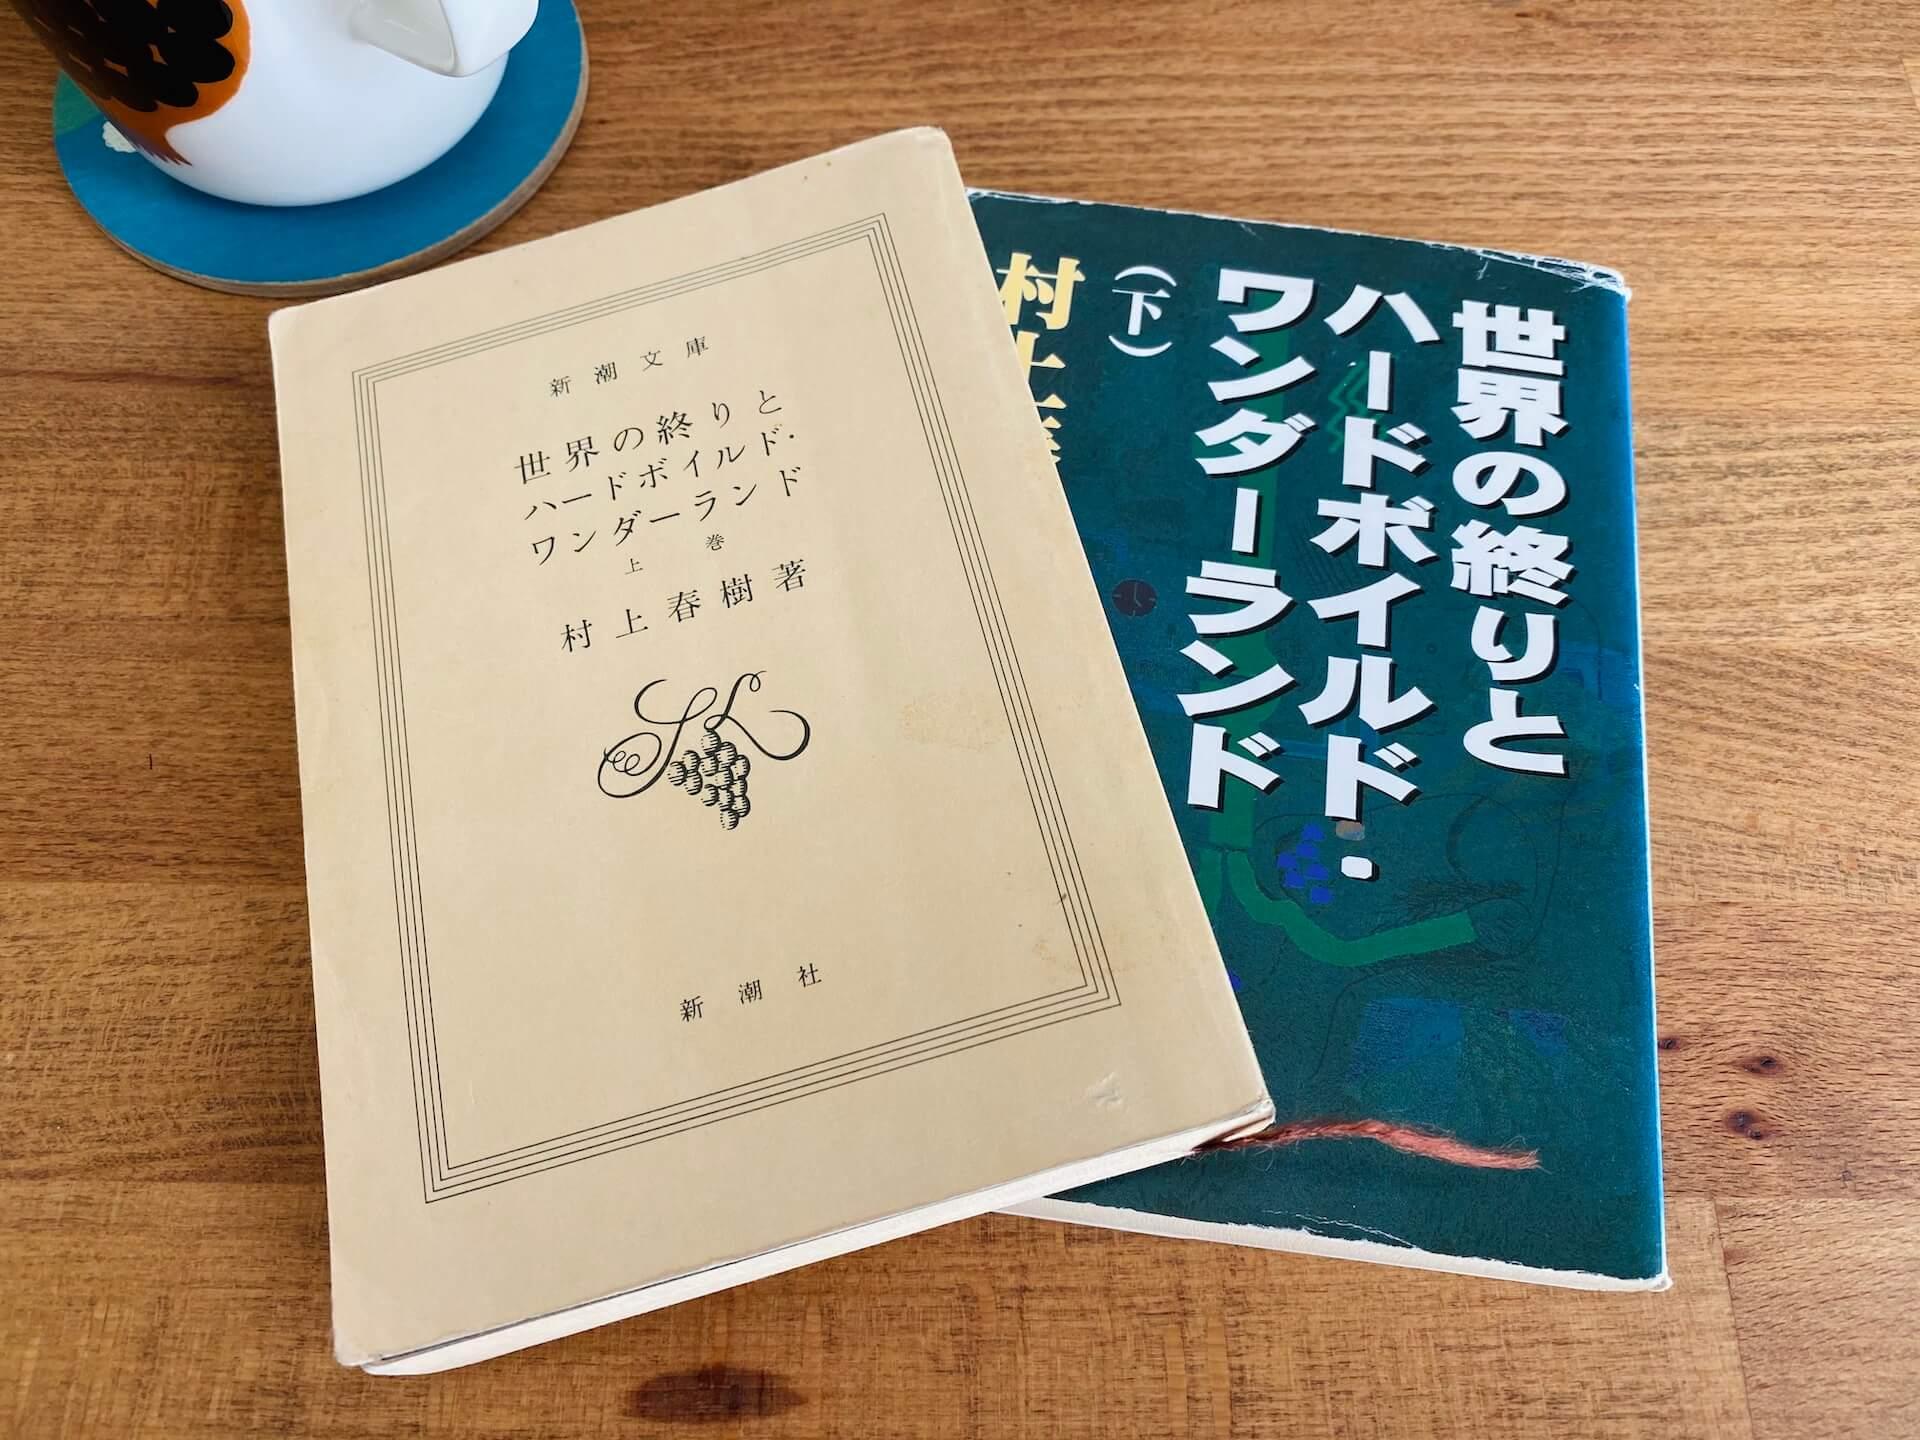 アートブックノススメ:番外編 関口シンゴ-『世界の終りとハードボイルドワンダーランド』/村上春樹 column210501_artbook-shingosekiguchii-02